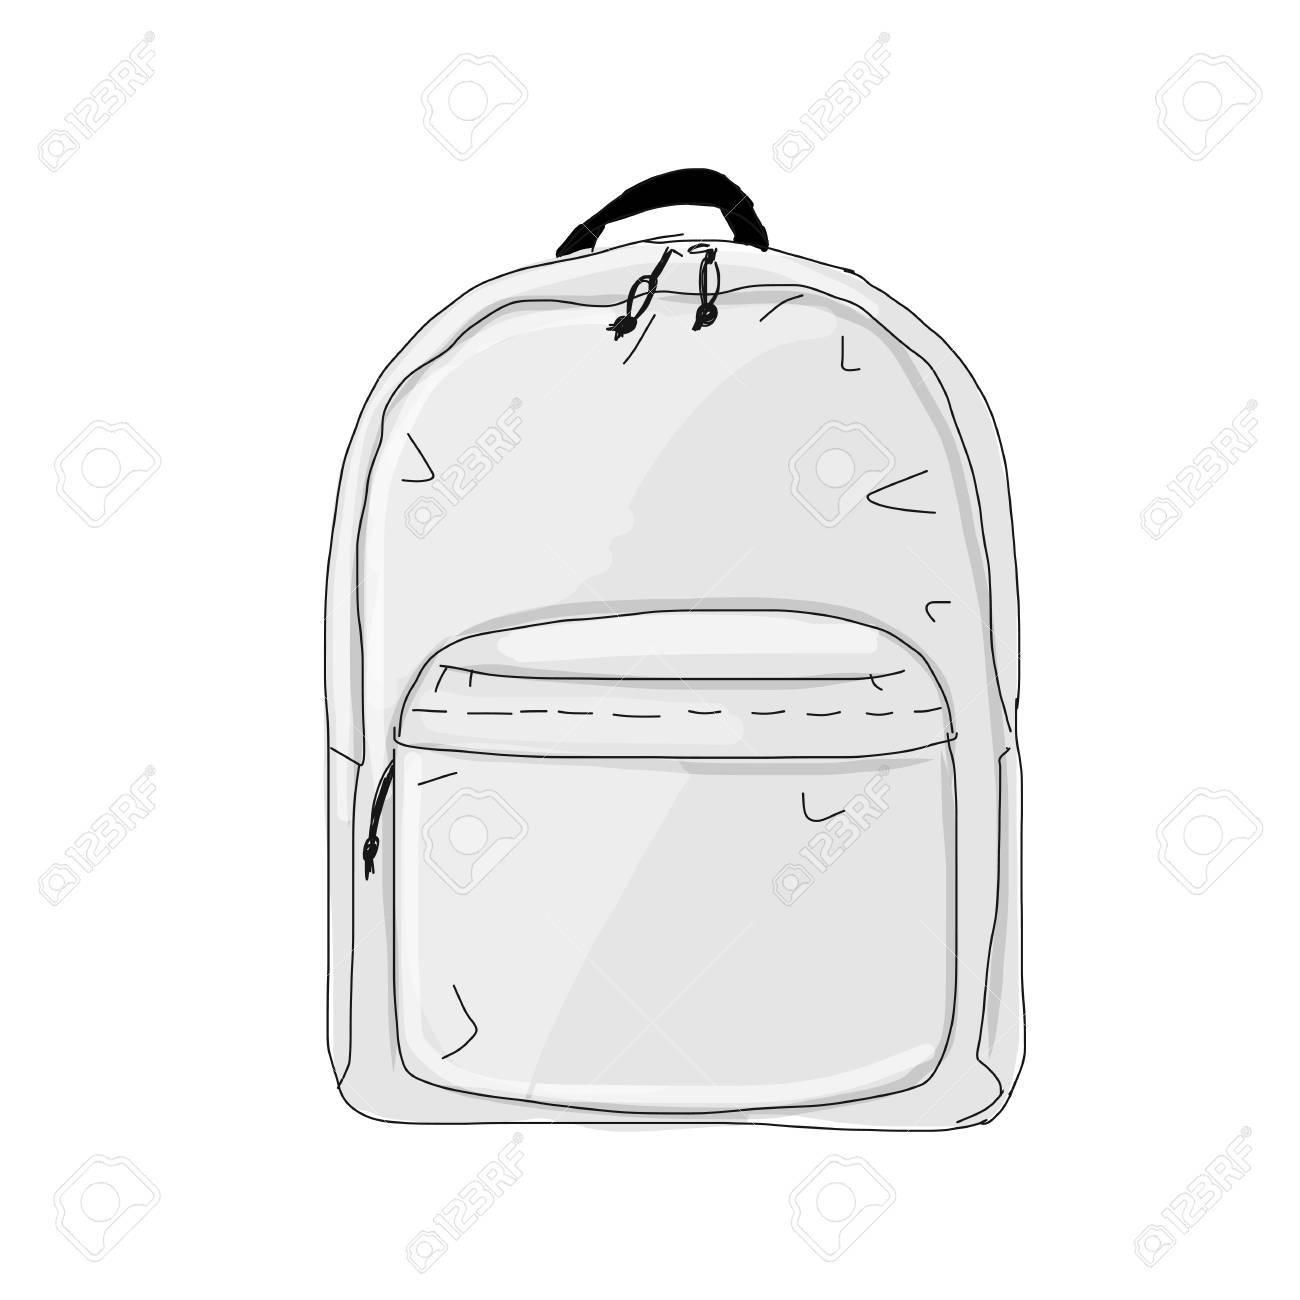 Backpack mockup, sketch for your design